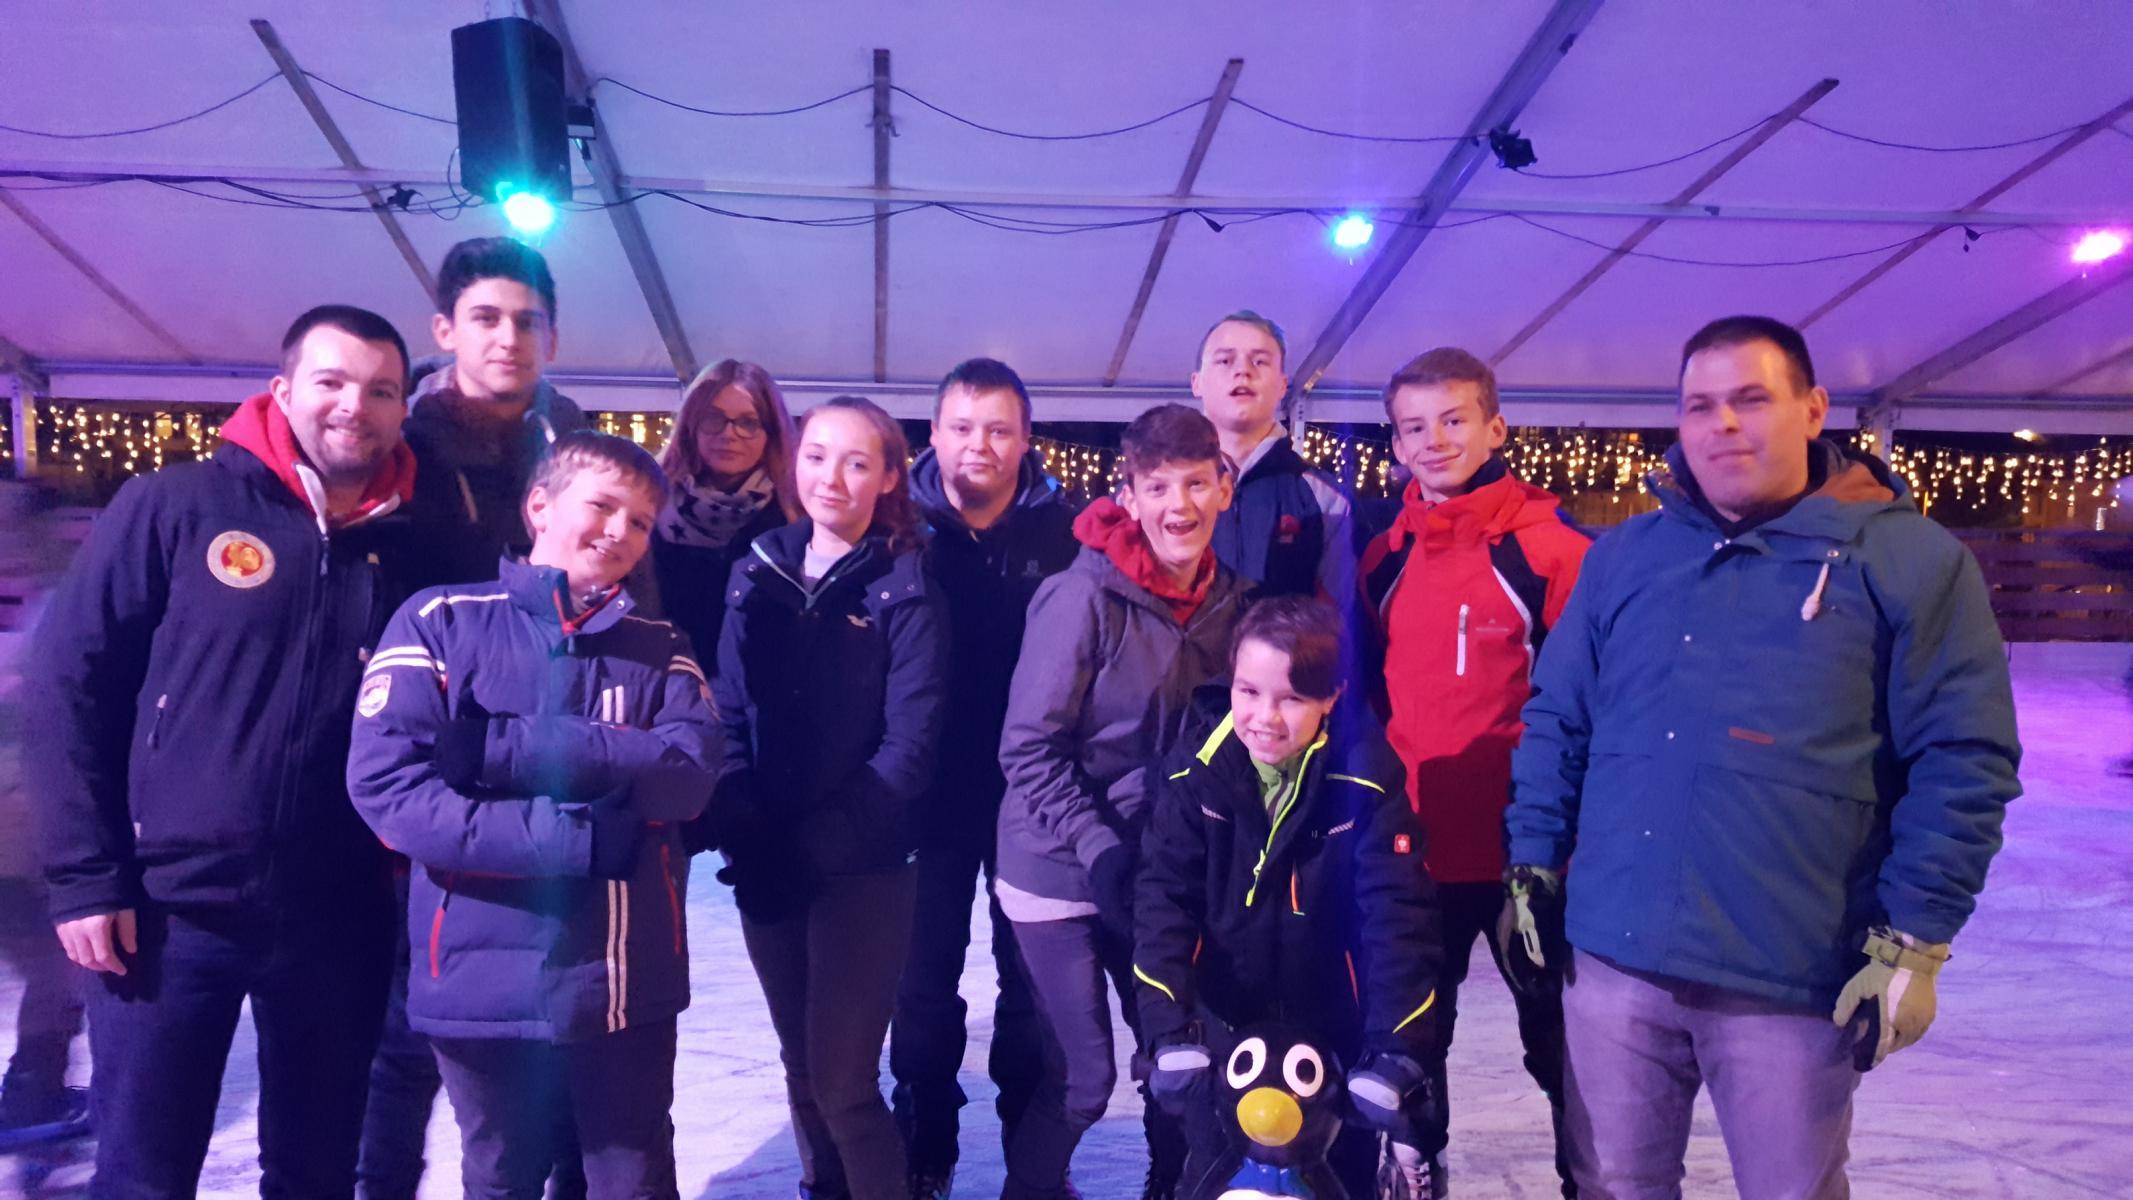 Jugendfeuerwehr Auf Eisbahn